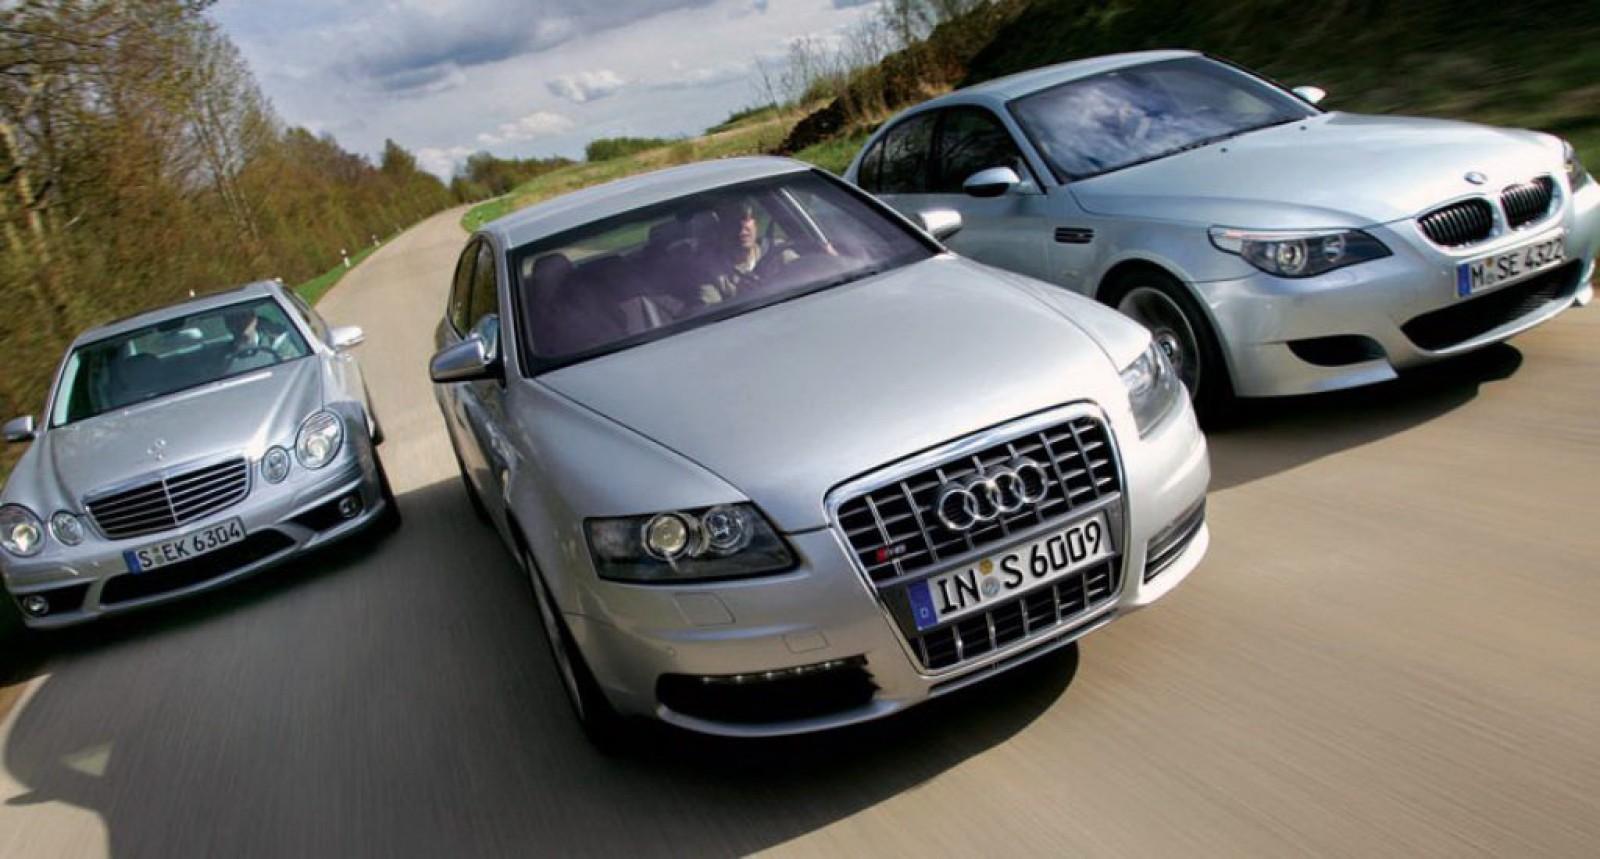 Problemele diesel ale industriei auto germane au provocat o creştere a exporturilor de maşini rulate